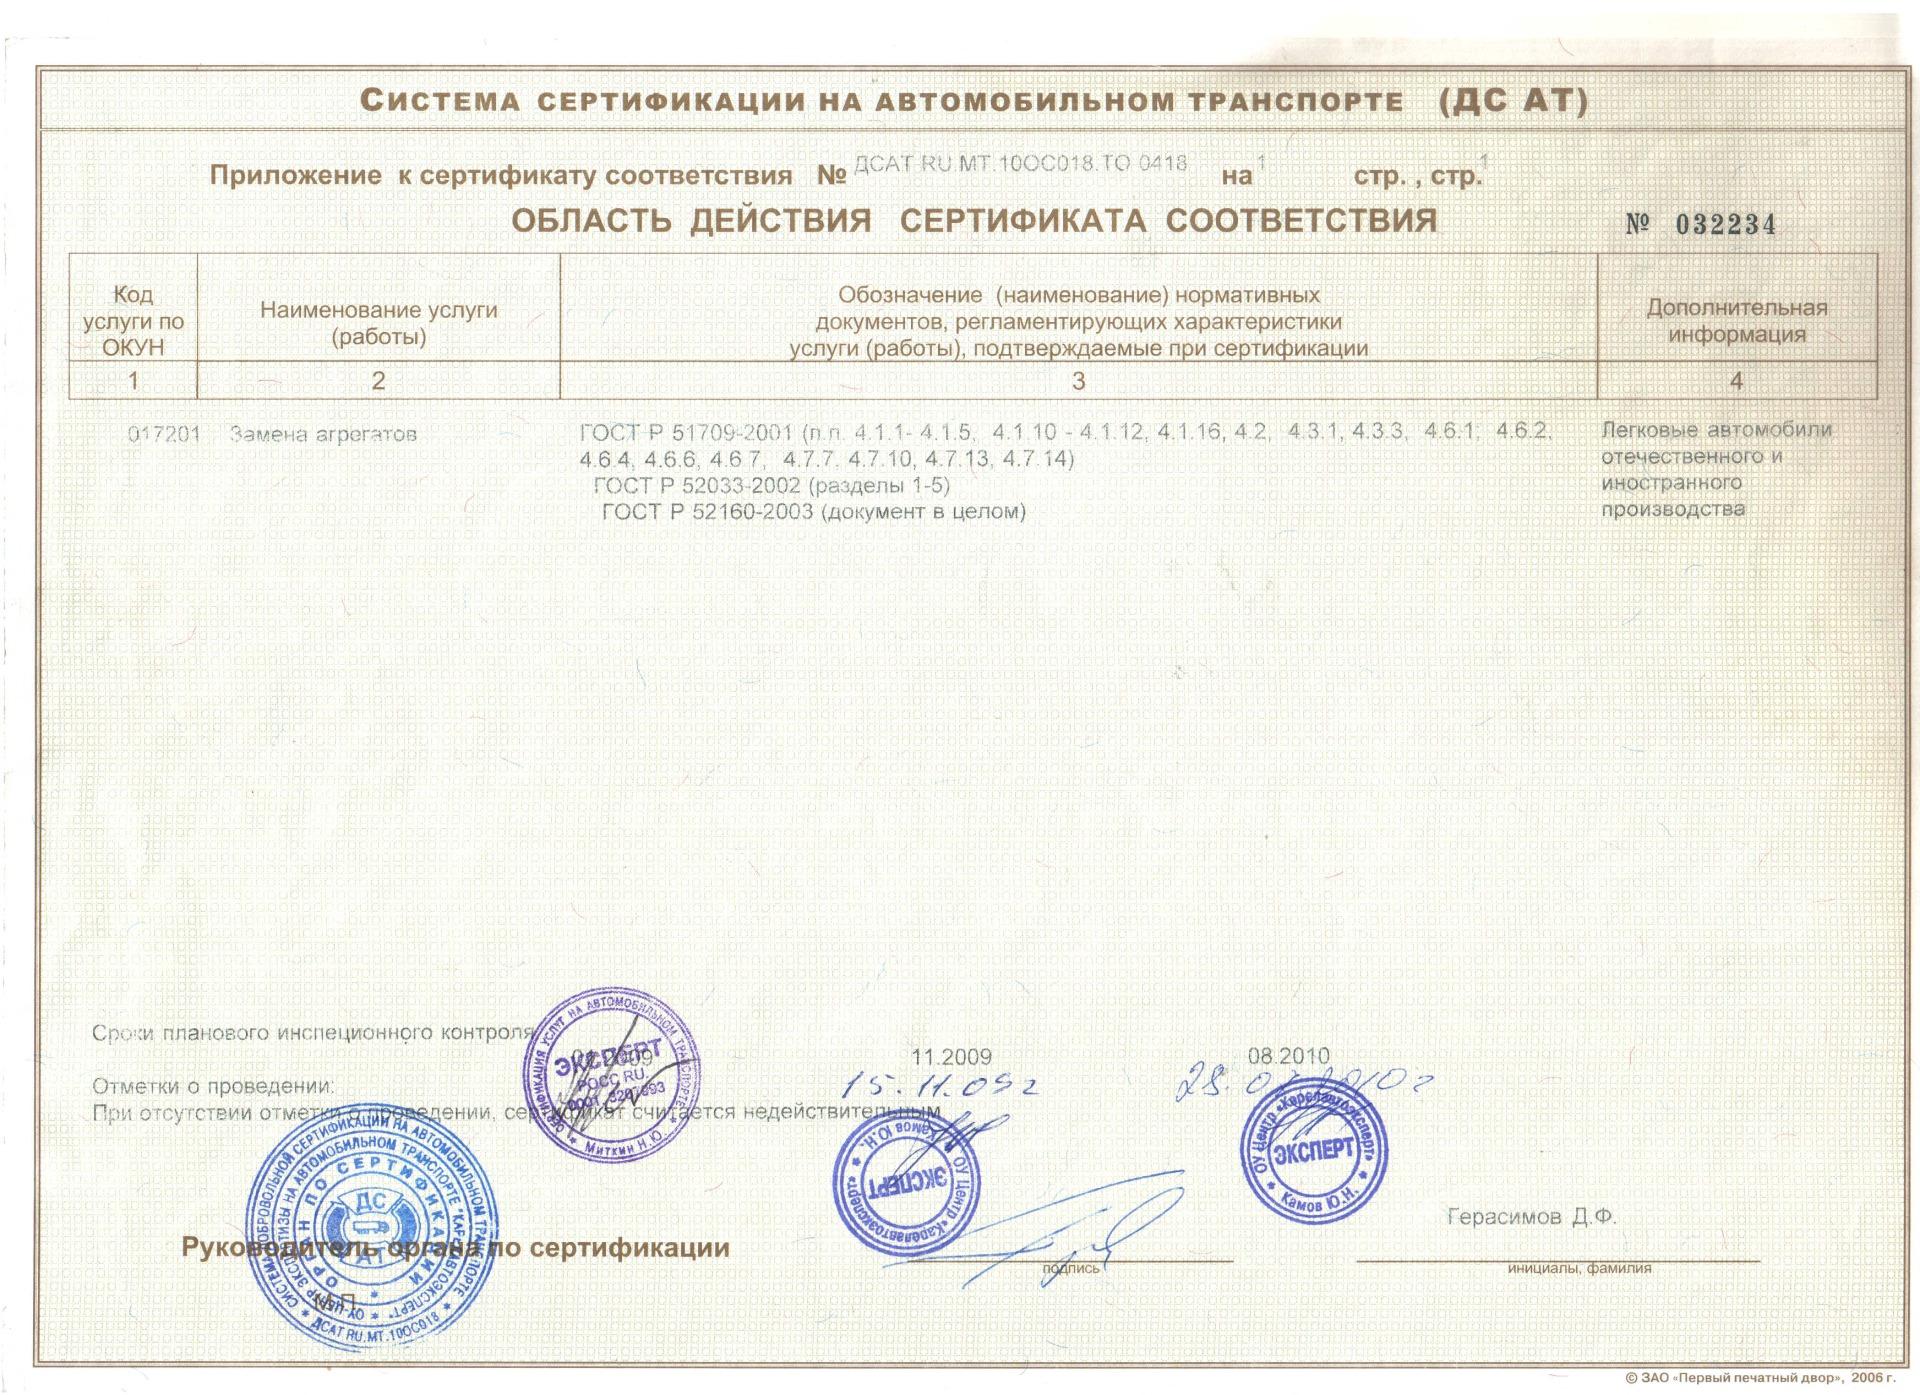 Ремонт агрегатов и двигателей Лекс Мотром Петрозаводск сертификат